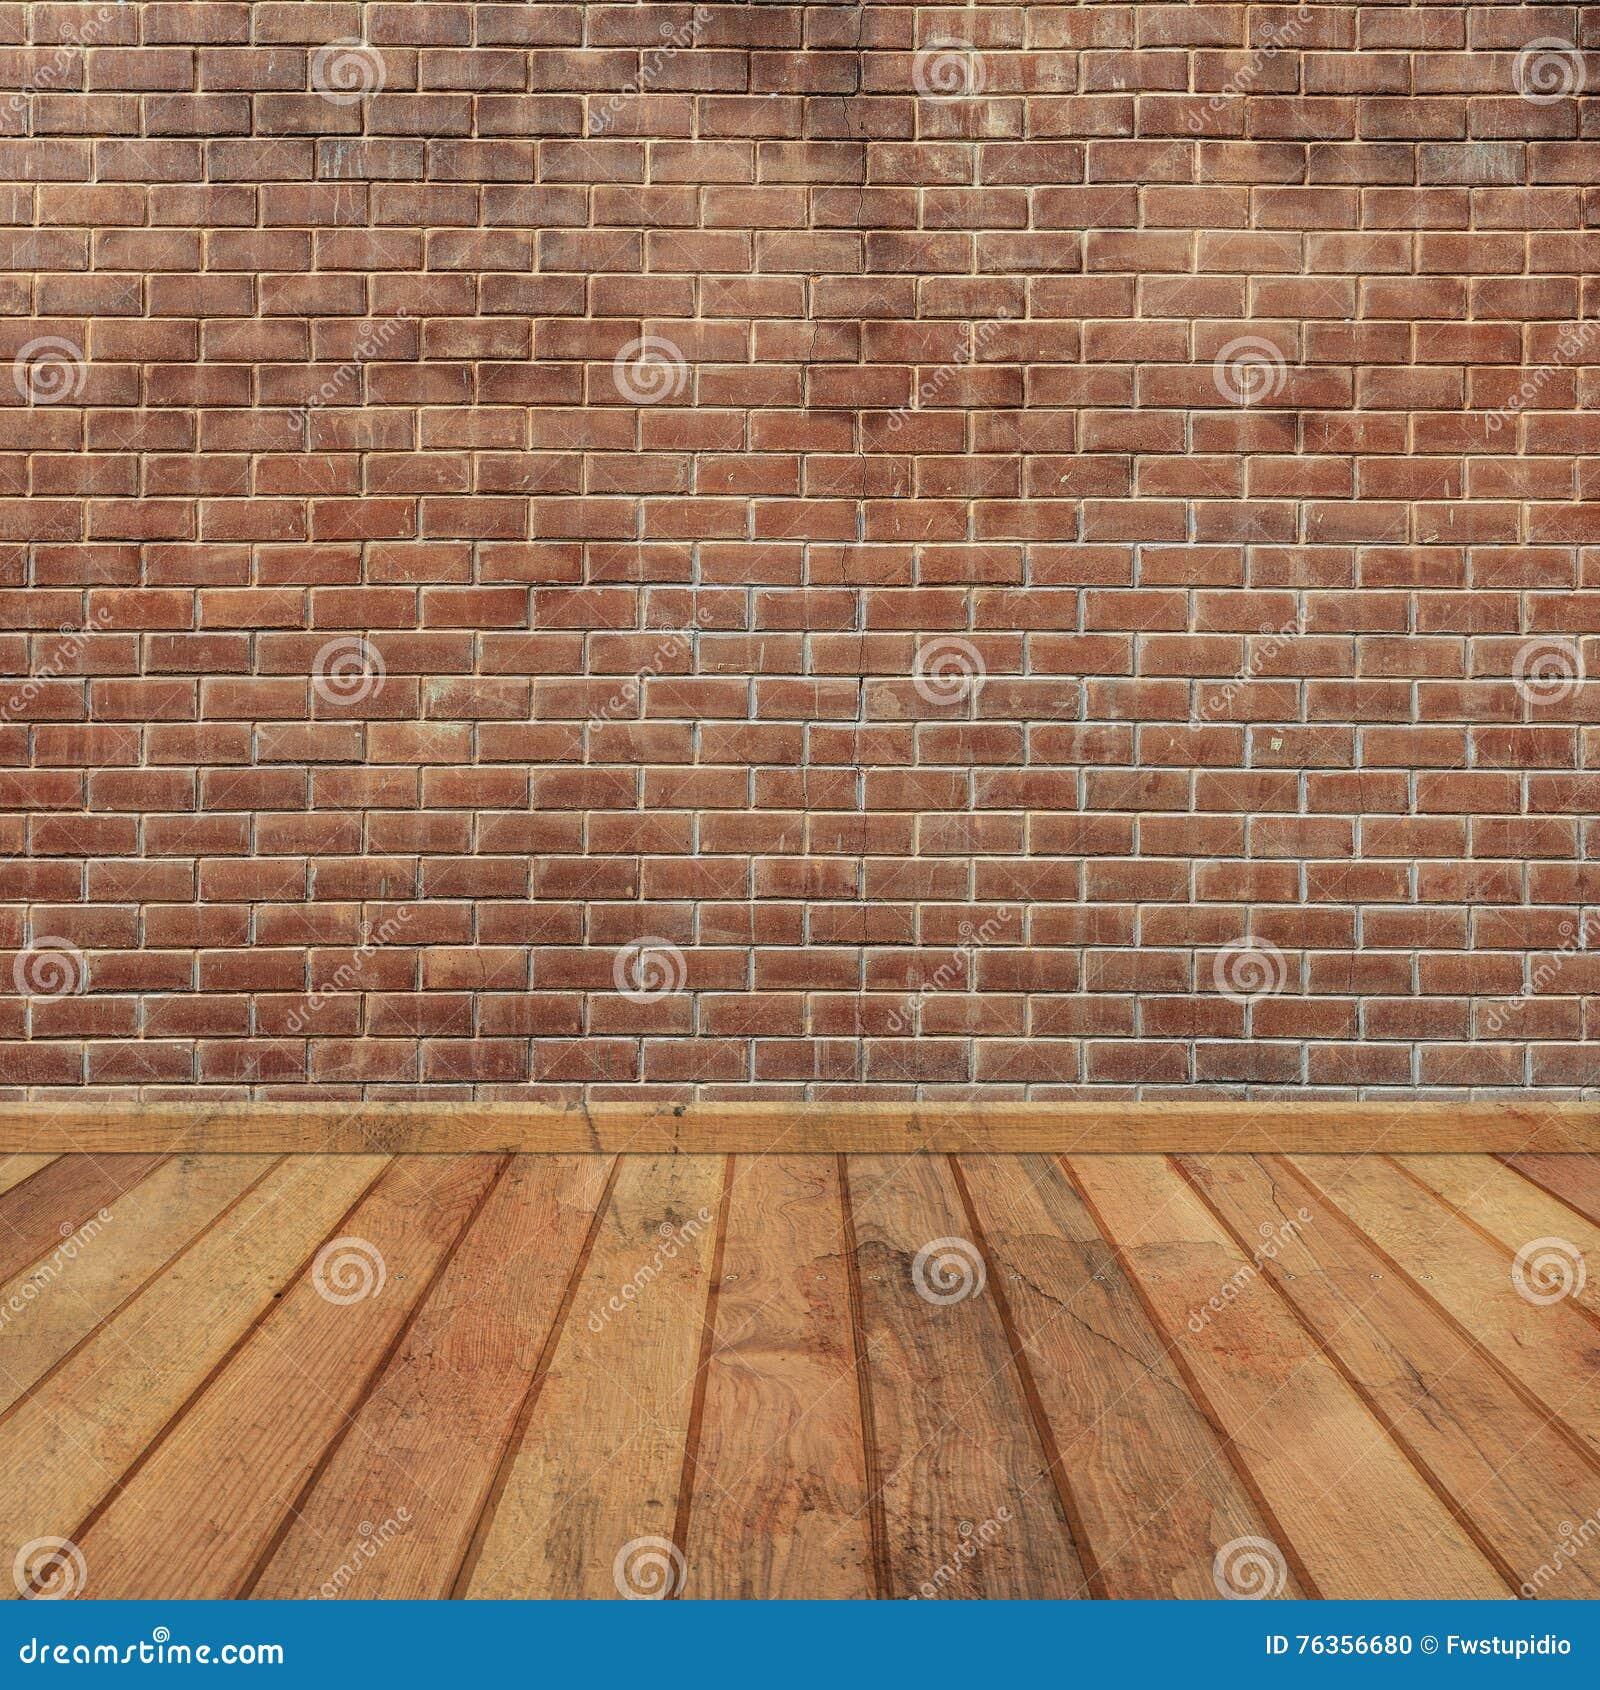 konkrete backsteinmauern und holzfußboden für text und hintergrund